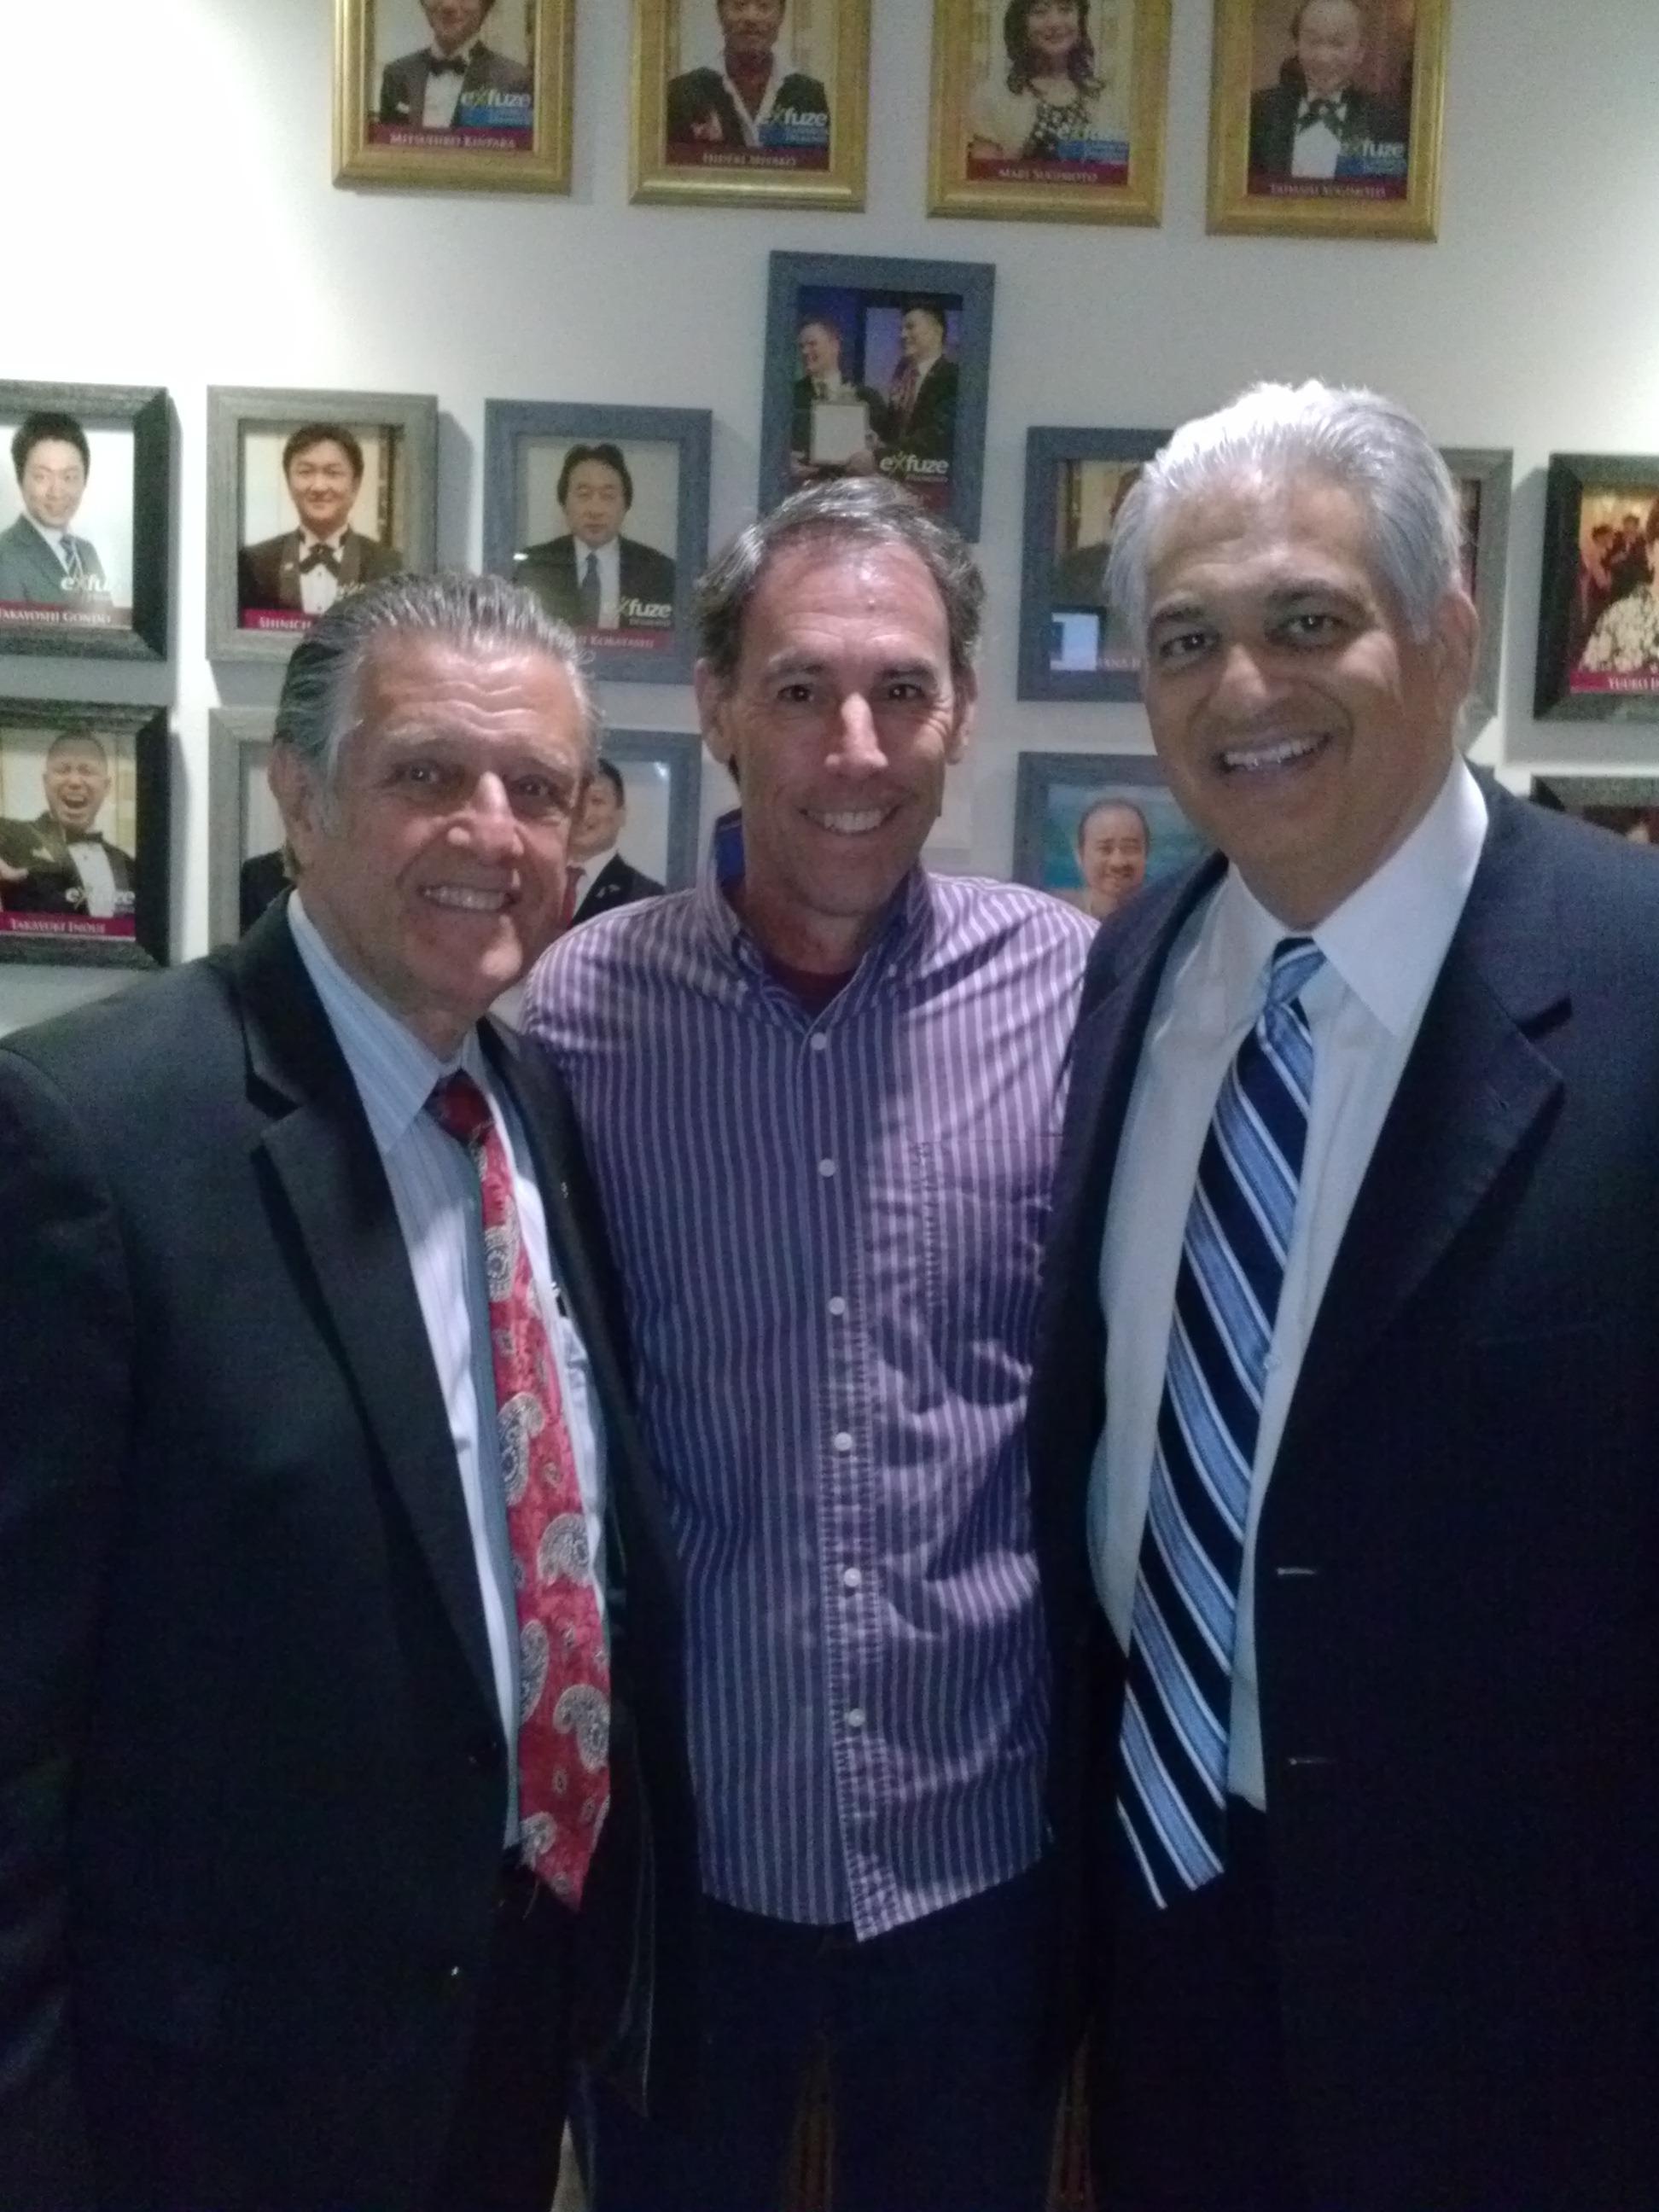 Jim with Paul Morris & Bob Burg